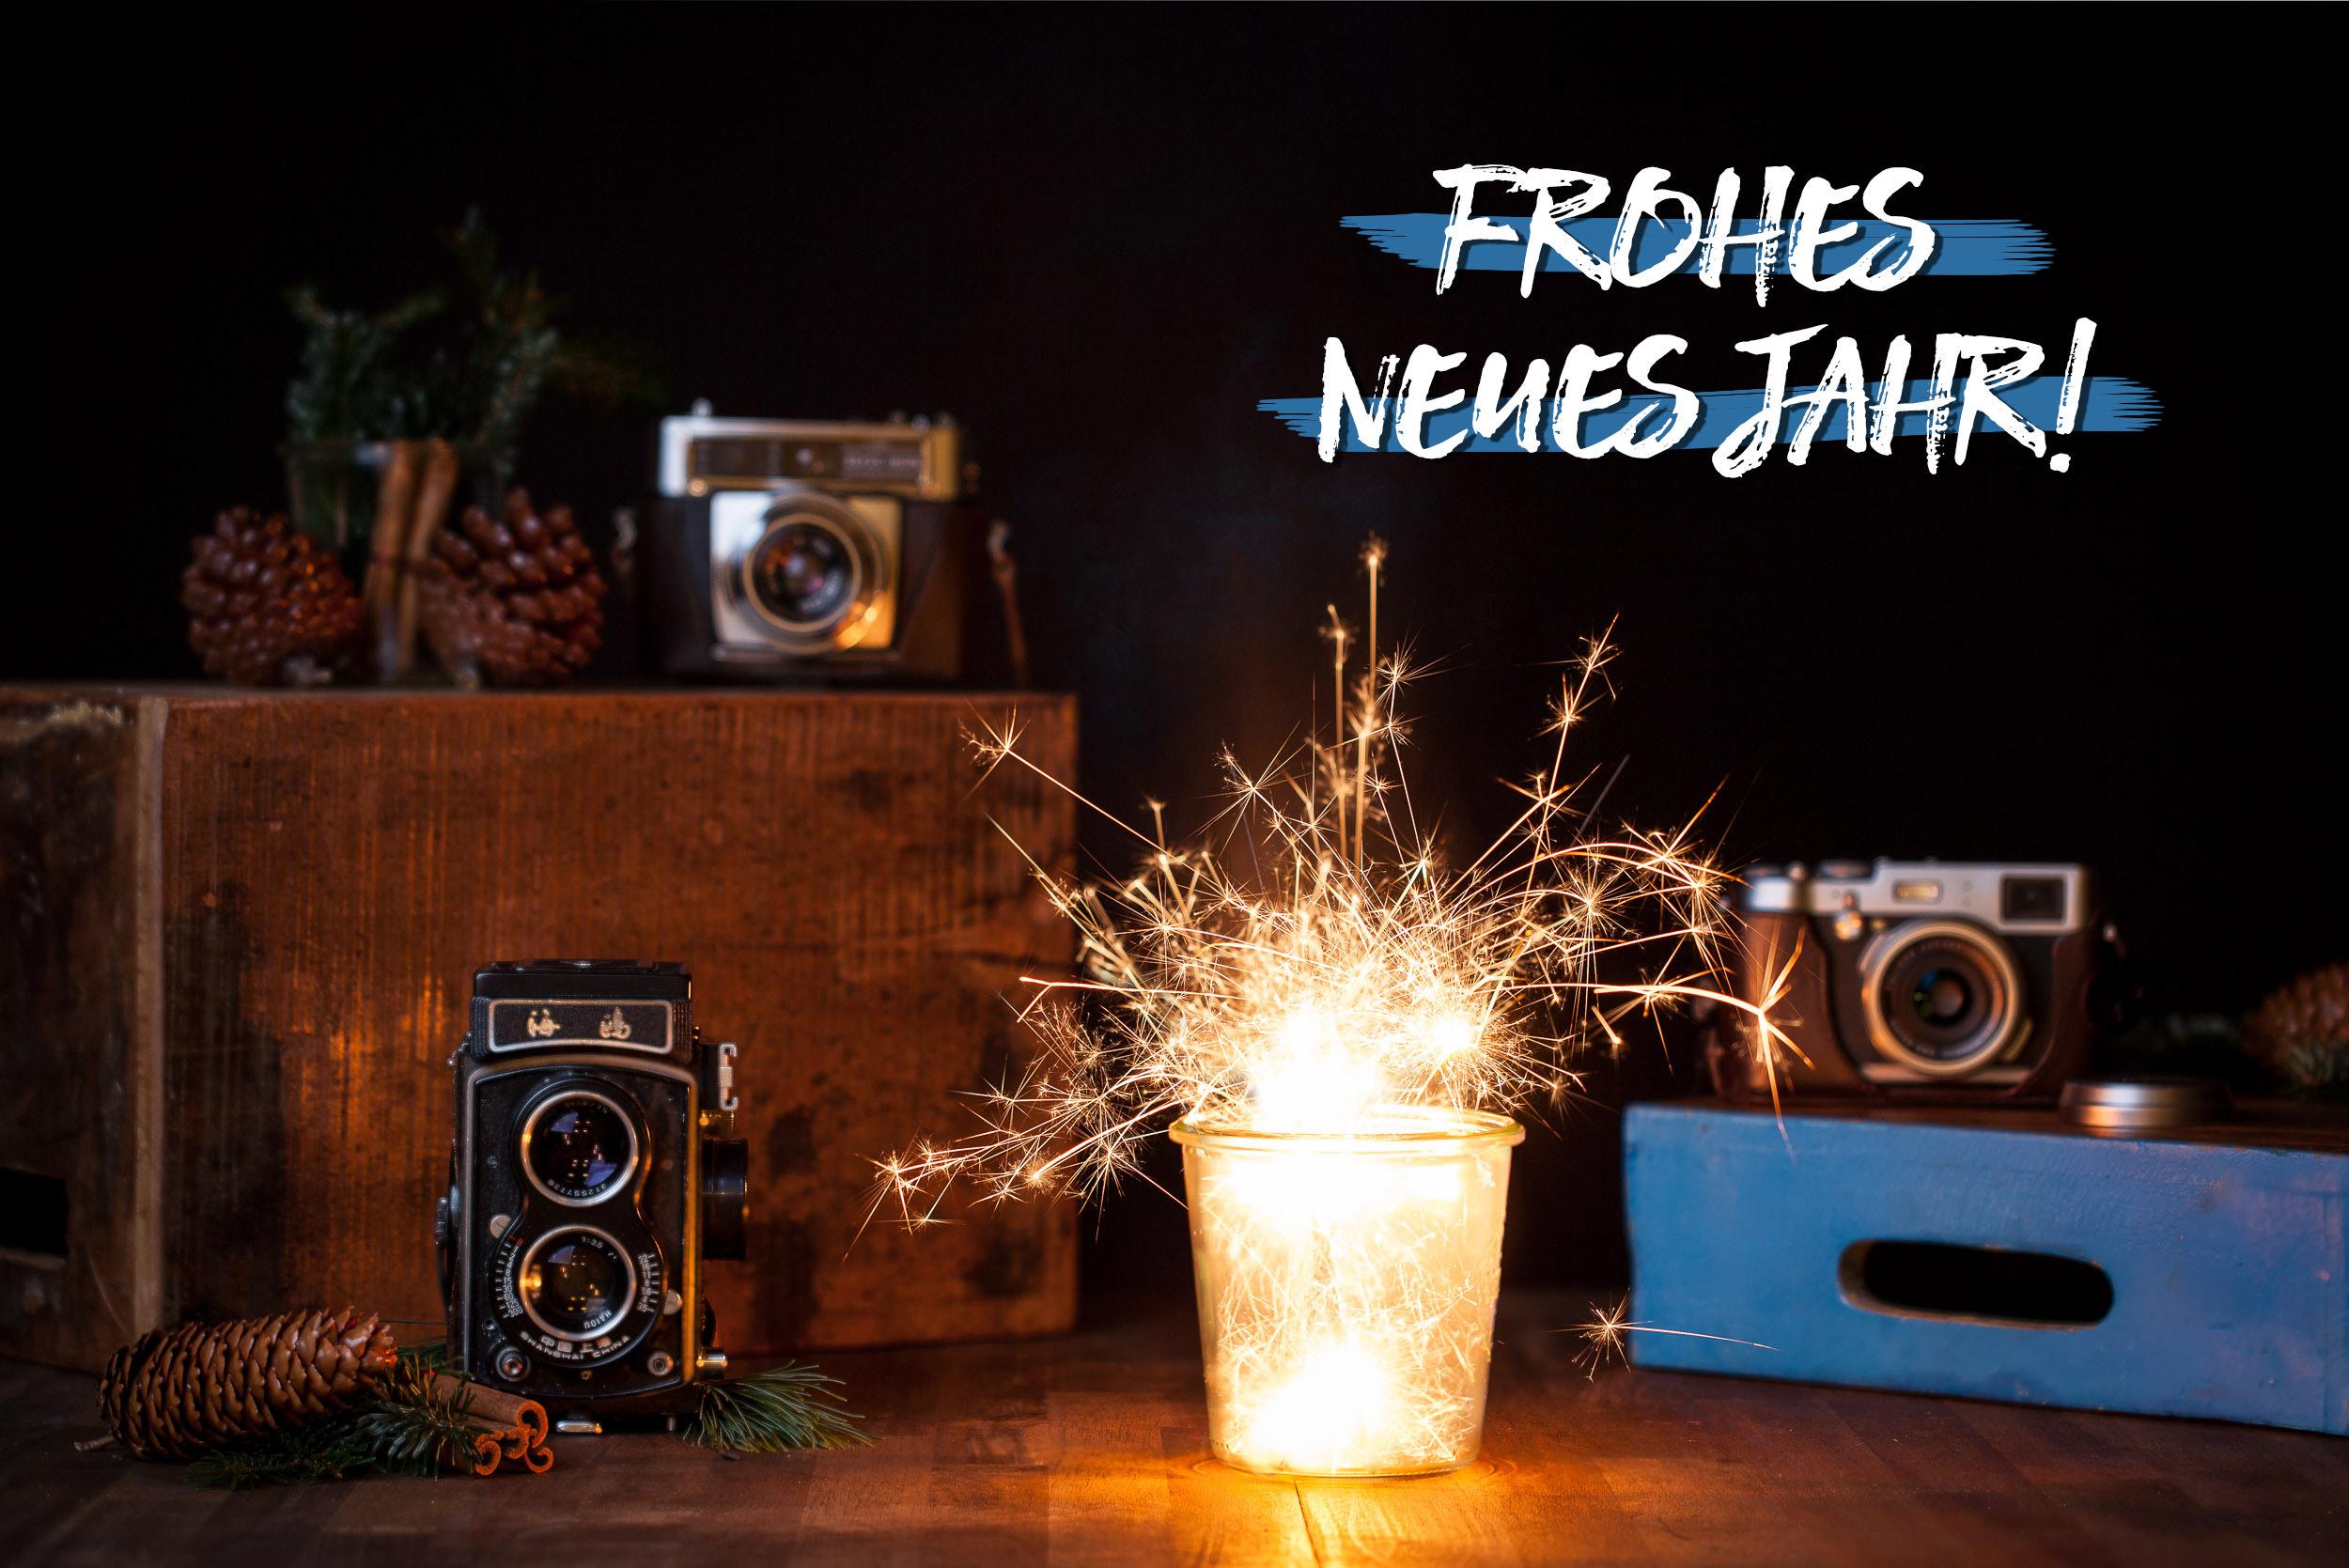 Frohes-neues-Jahr-2018-Wiegelmann-Fotografie.jpg